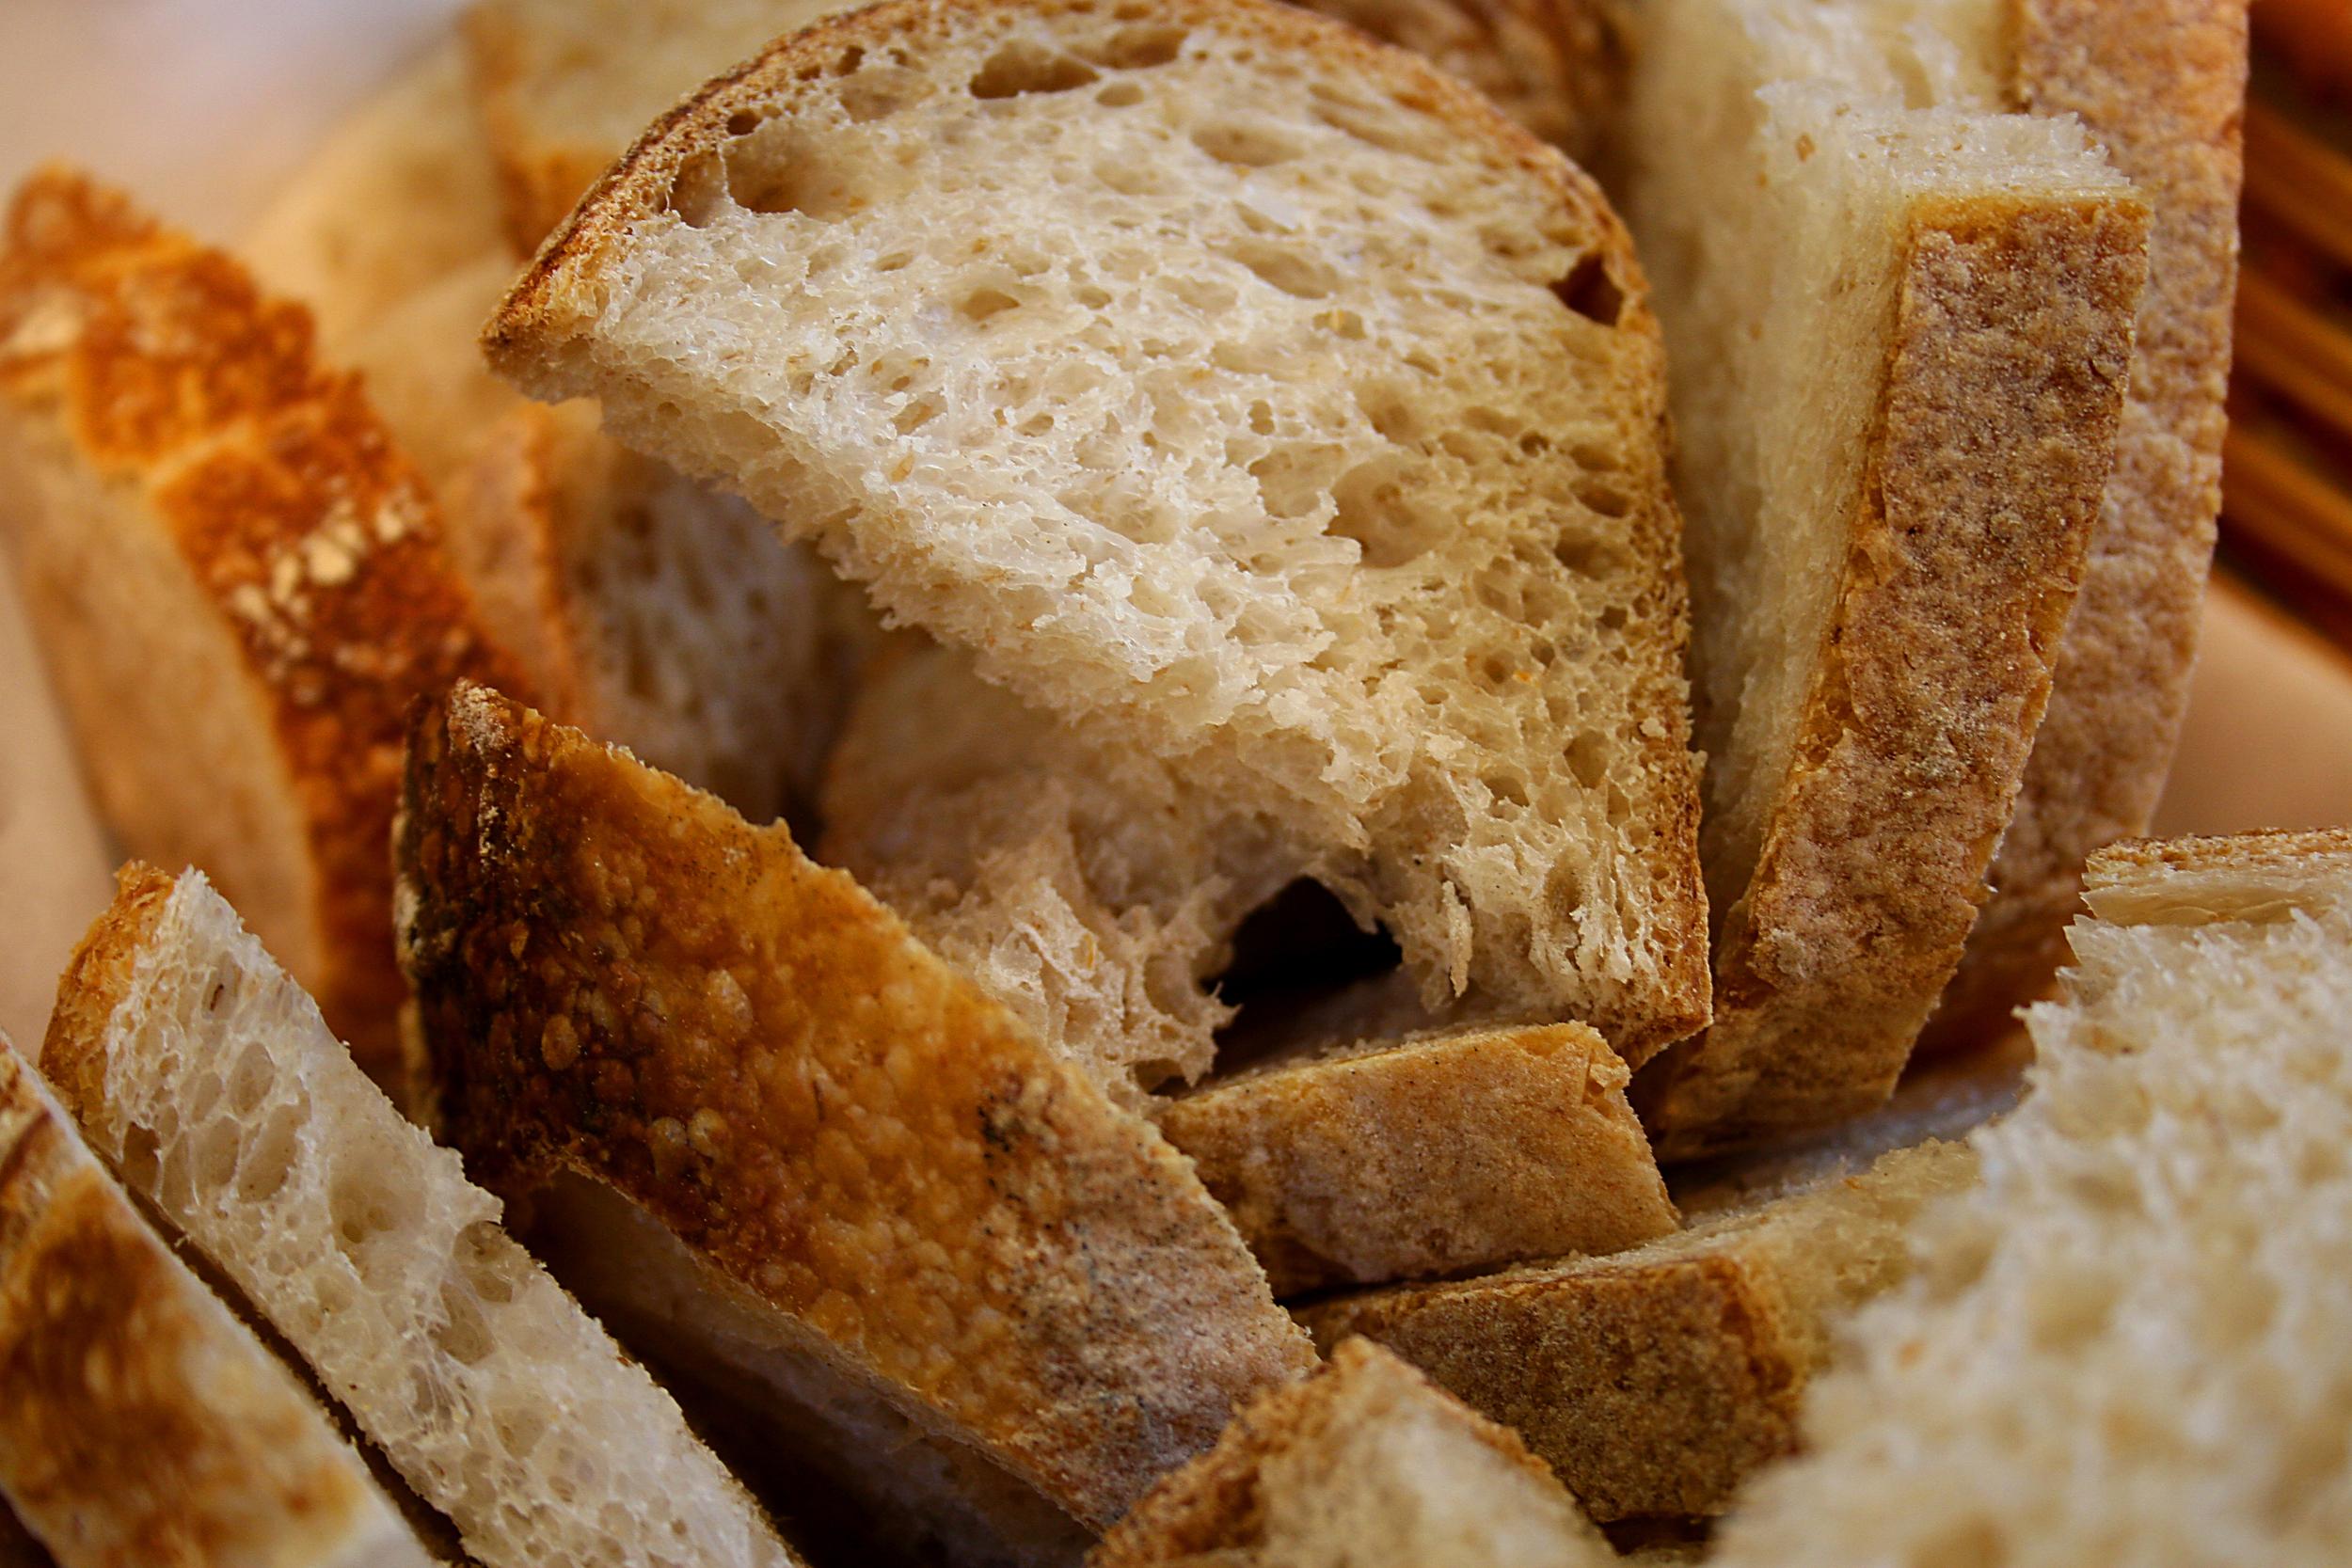 greenlife bread.jpg